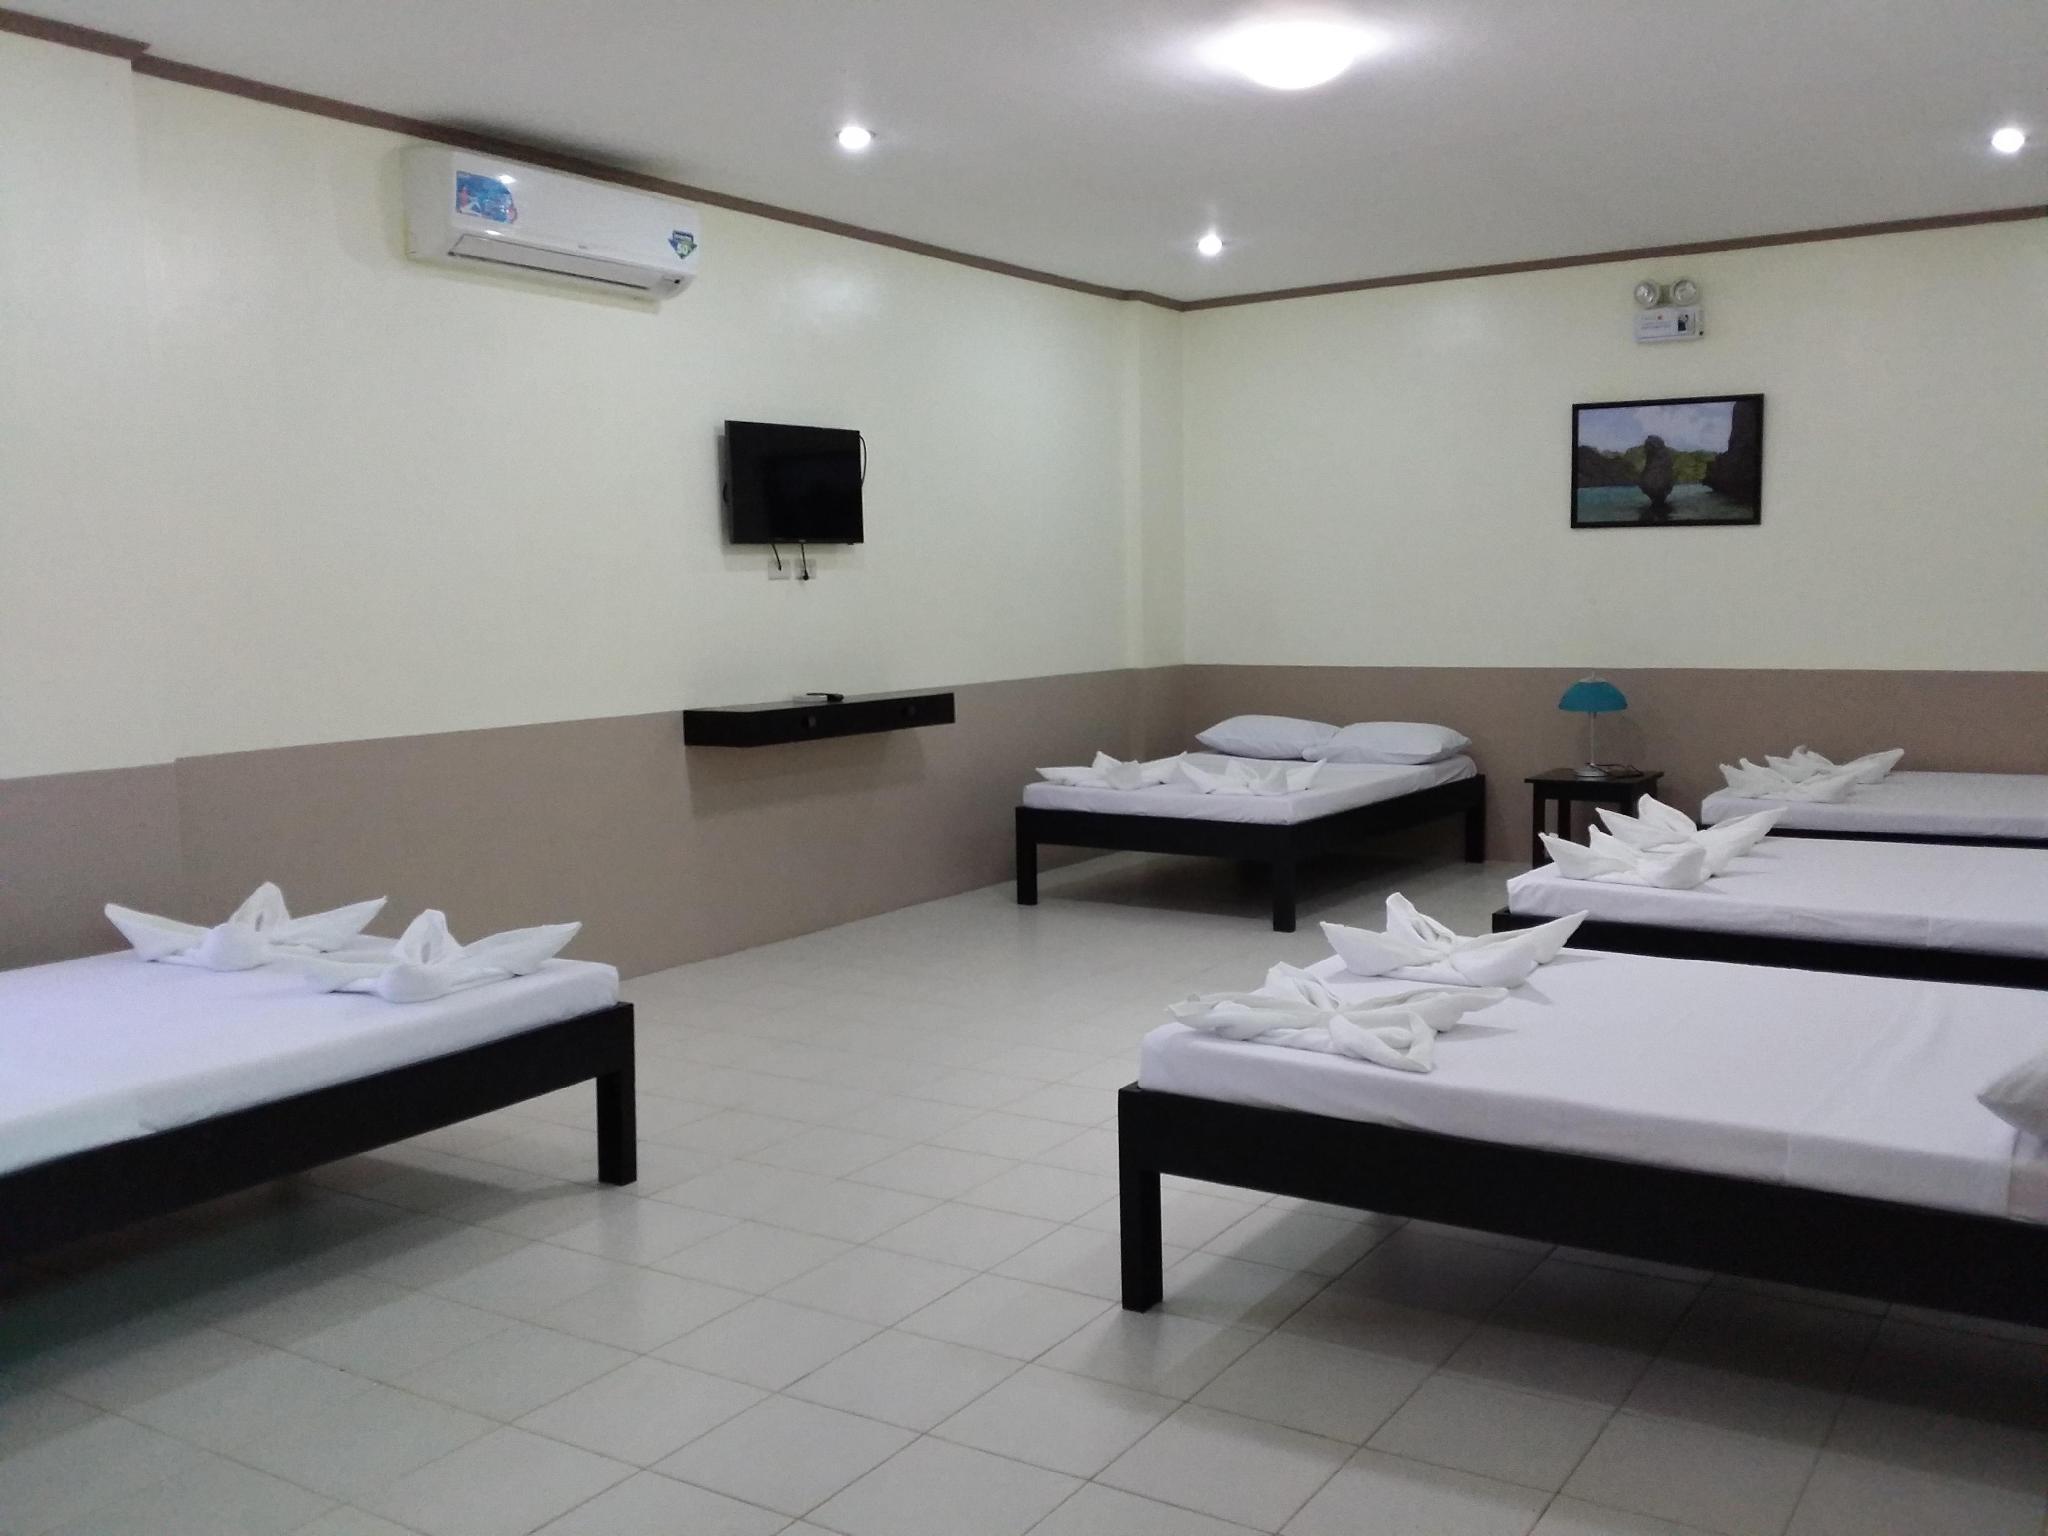 chang thai linköping uppsala massage